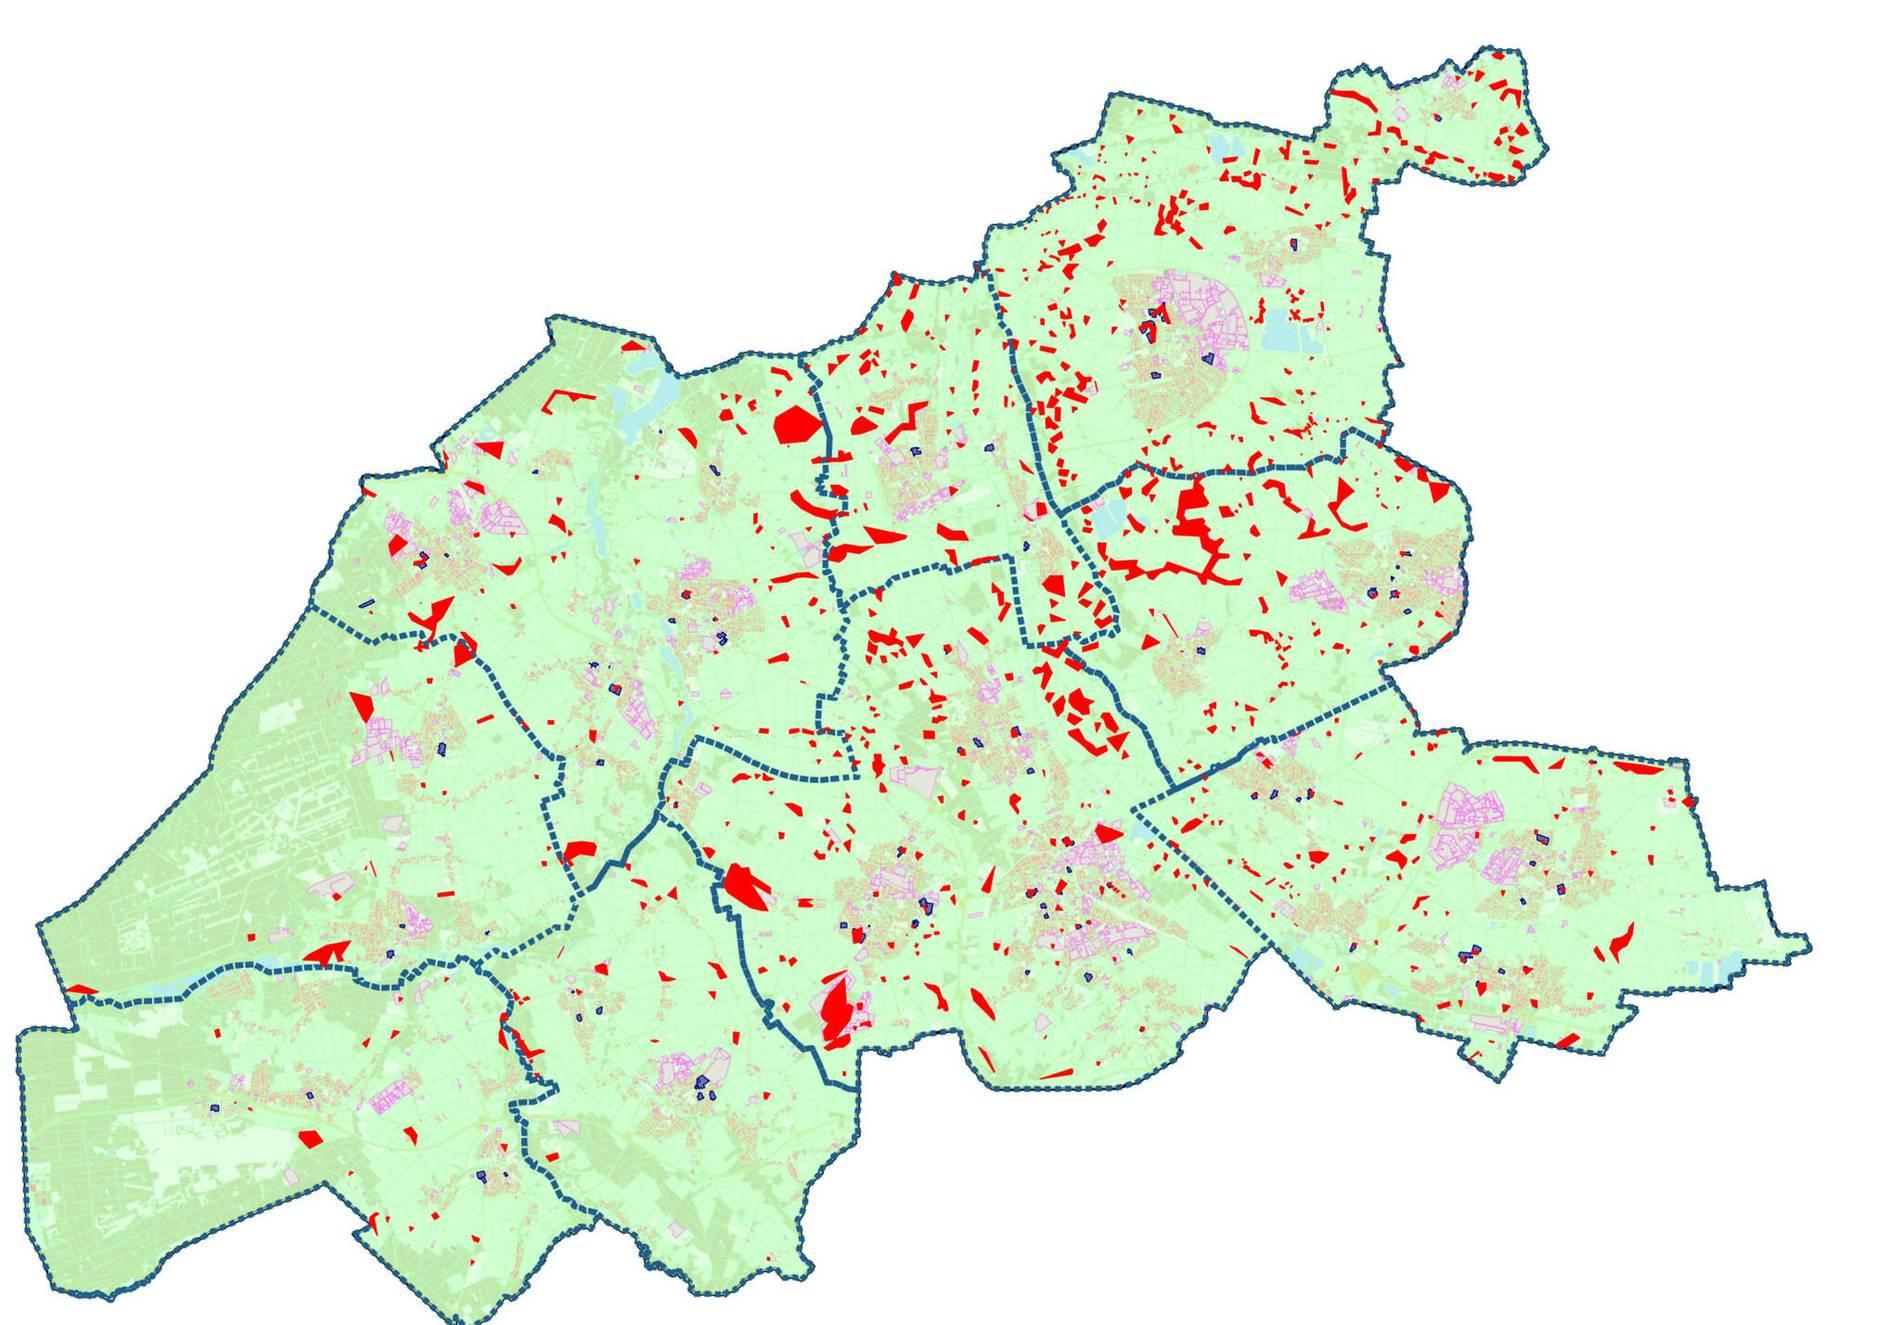 Breitbandausbau Der Unterversorgten Gebiete Im Kreis Viersen